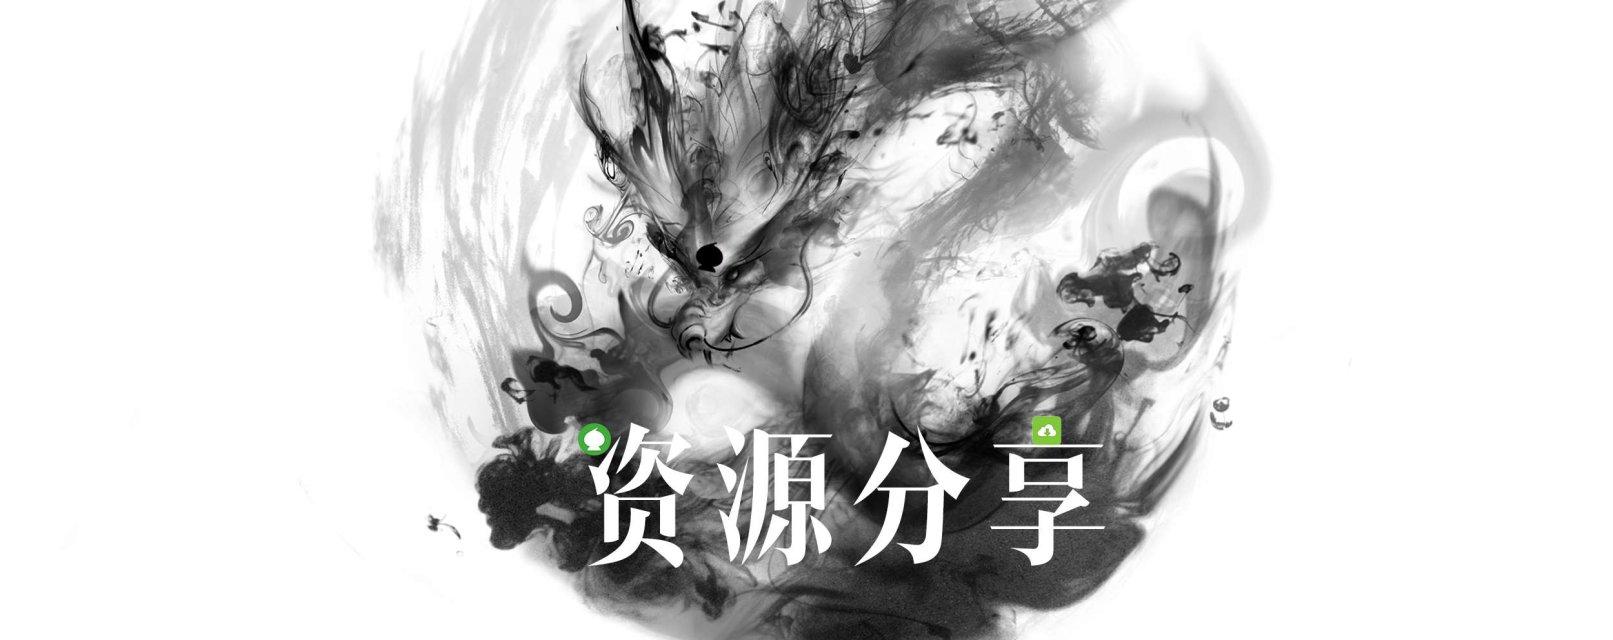 【资源分享】妖尾漫画(可以看剃头匠哦)-爱小助